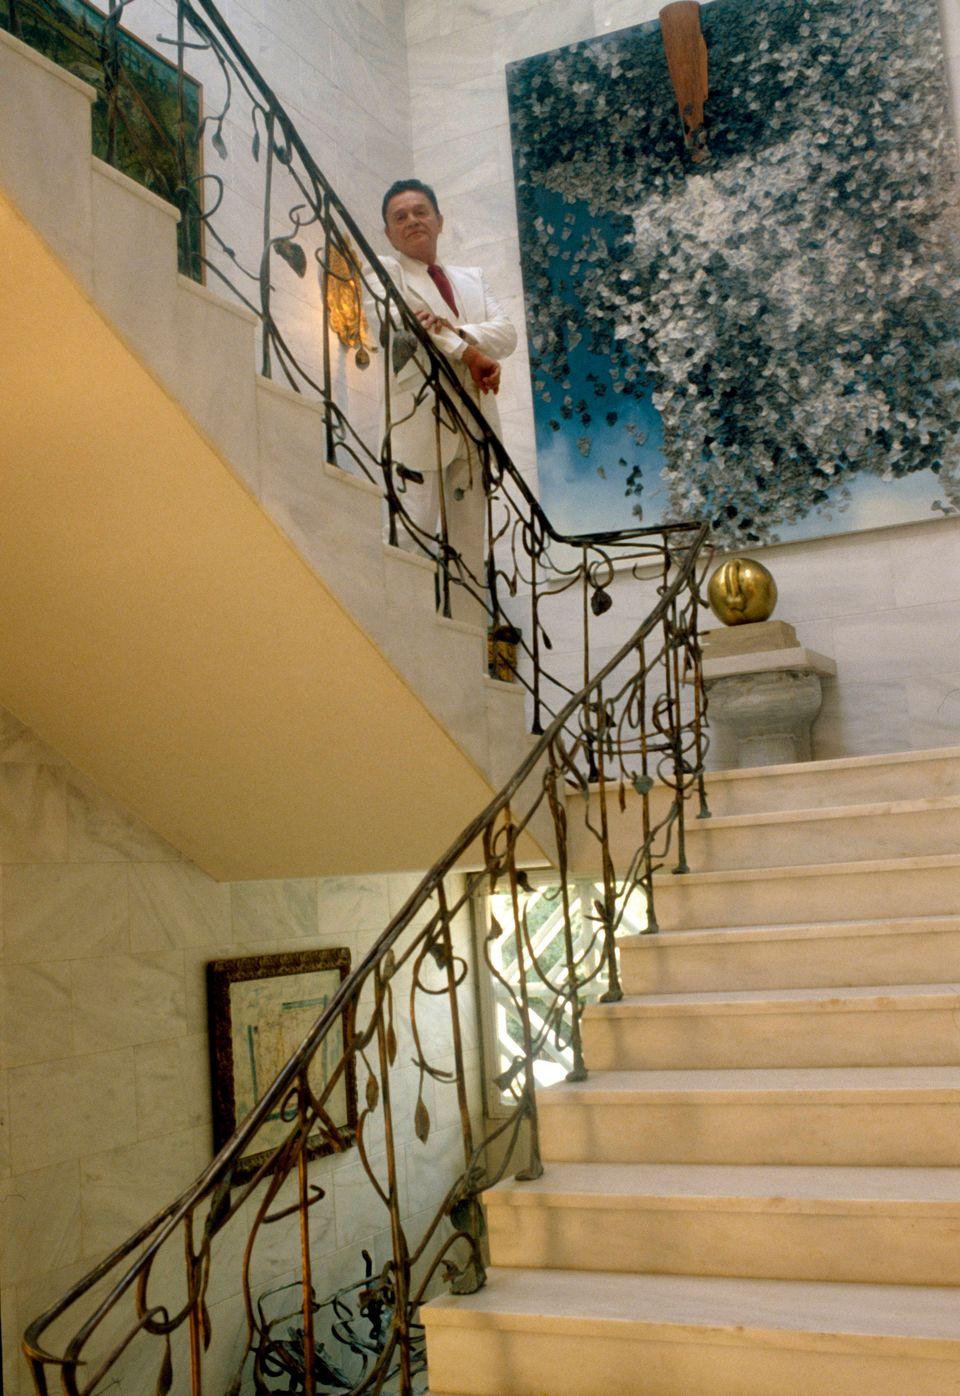 Ο Αλέξανδρος Ιόλας στη σκάλα της οικίας του